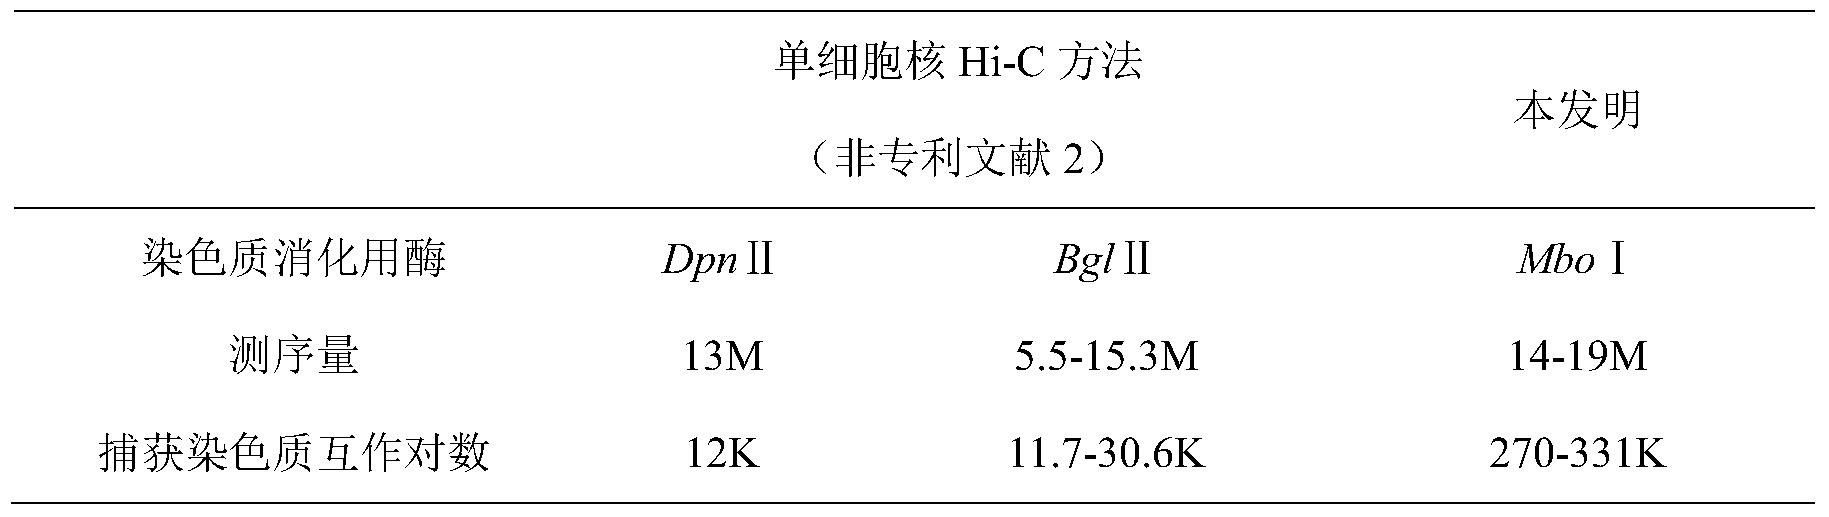 Figure PCTCN2015092181-appb-000007